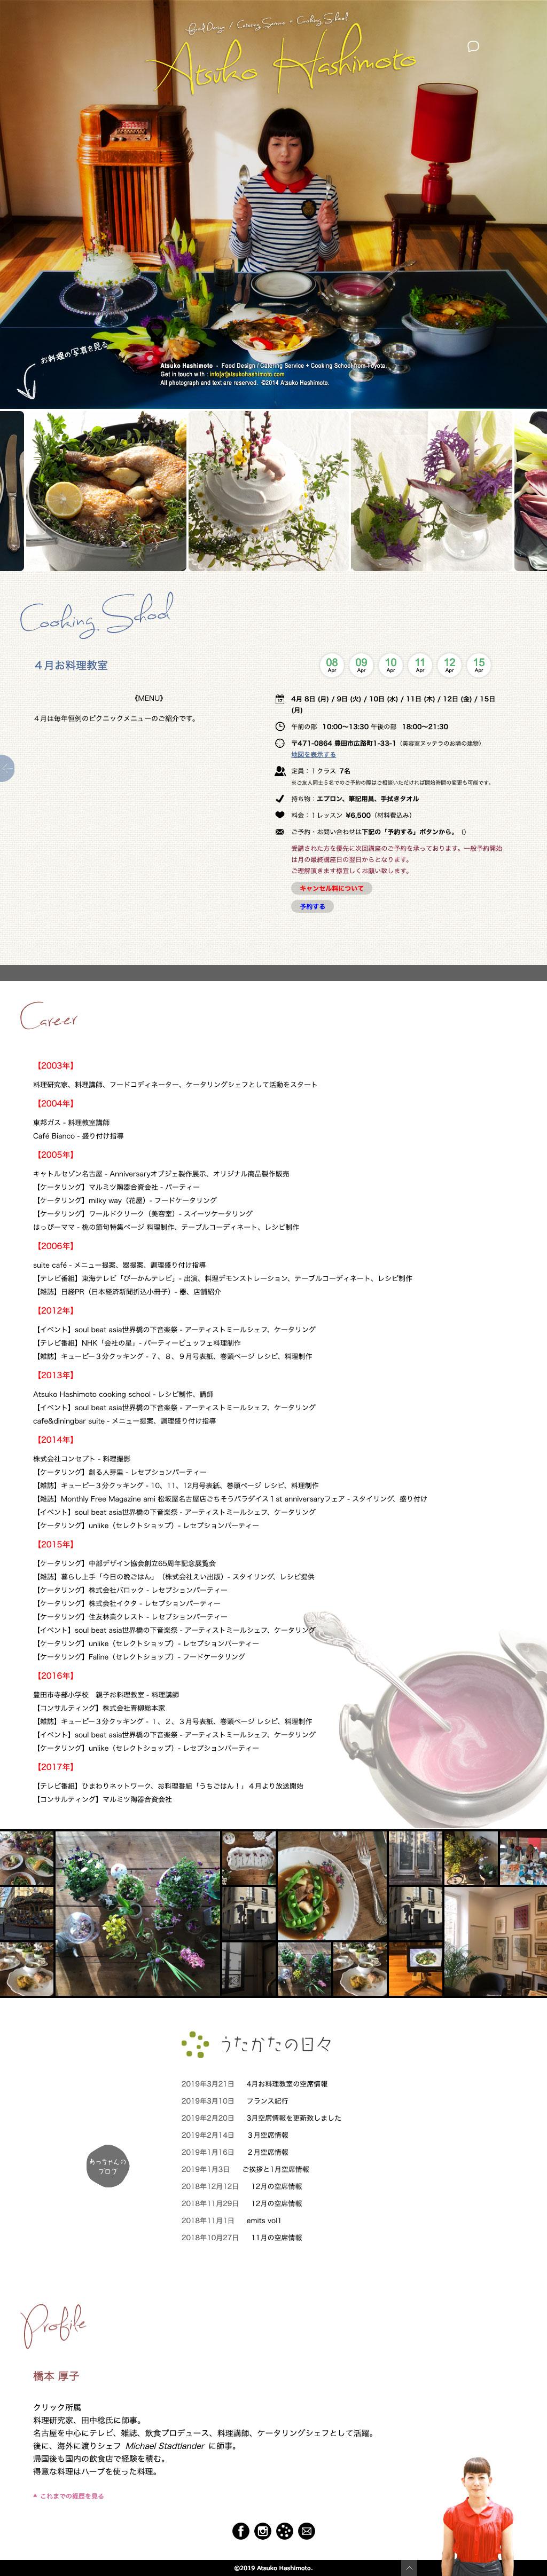 atsukohashimoto_a.jpg